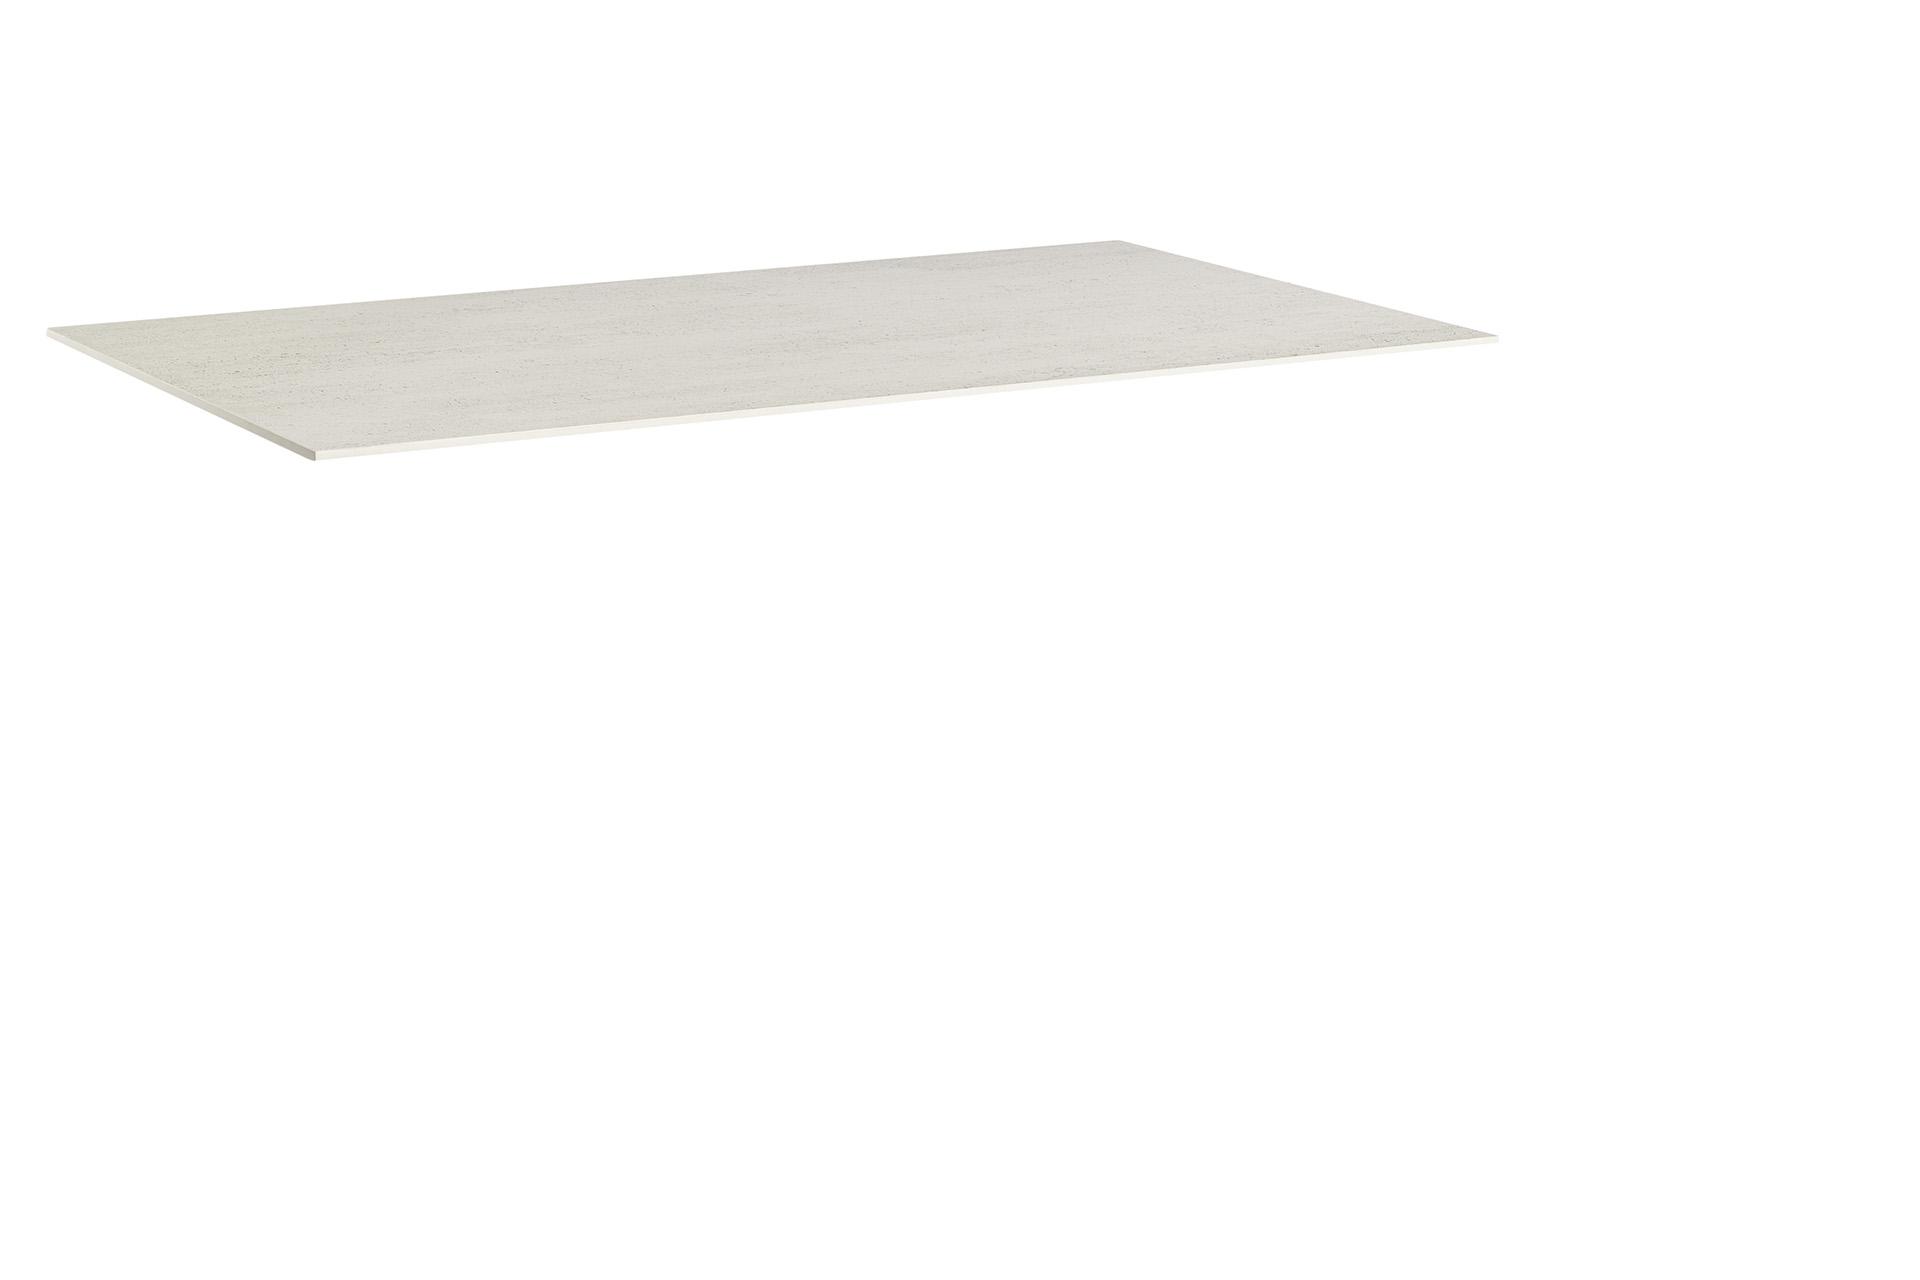 DEKTON Keramik-Glas-Quarz Tischplatte 160 x 95 cm